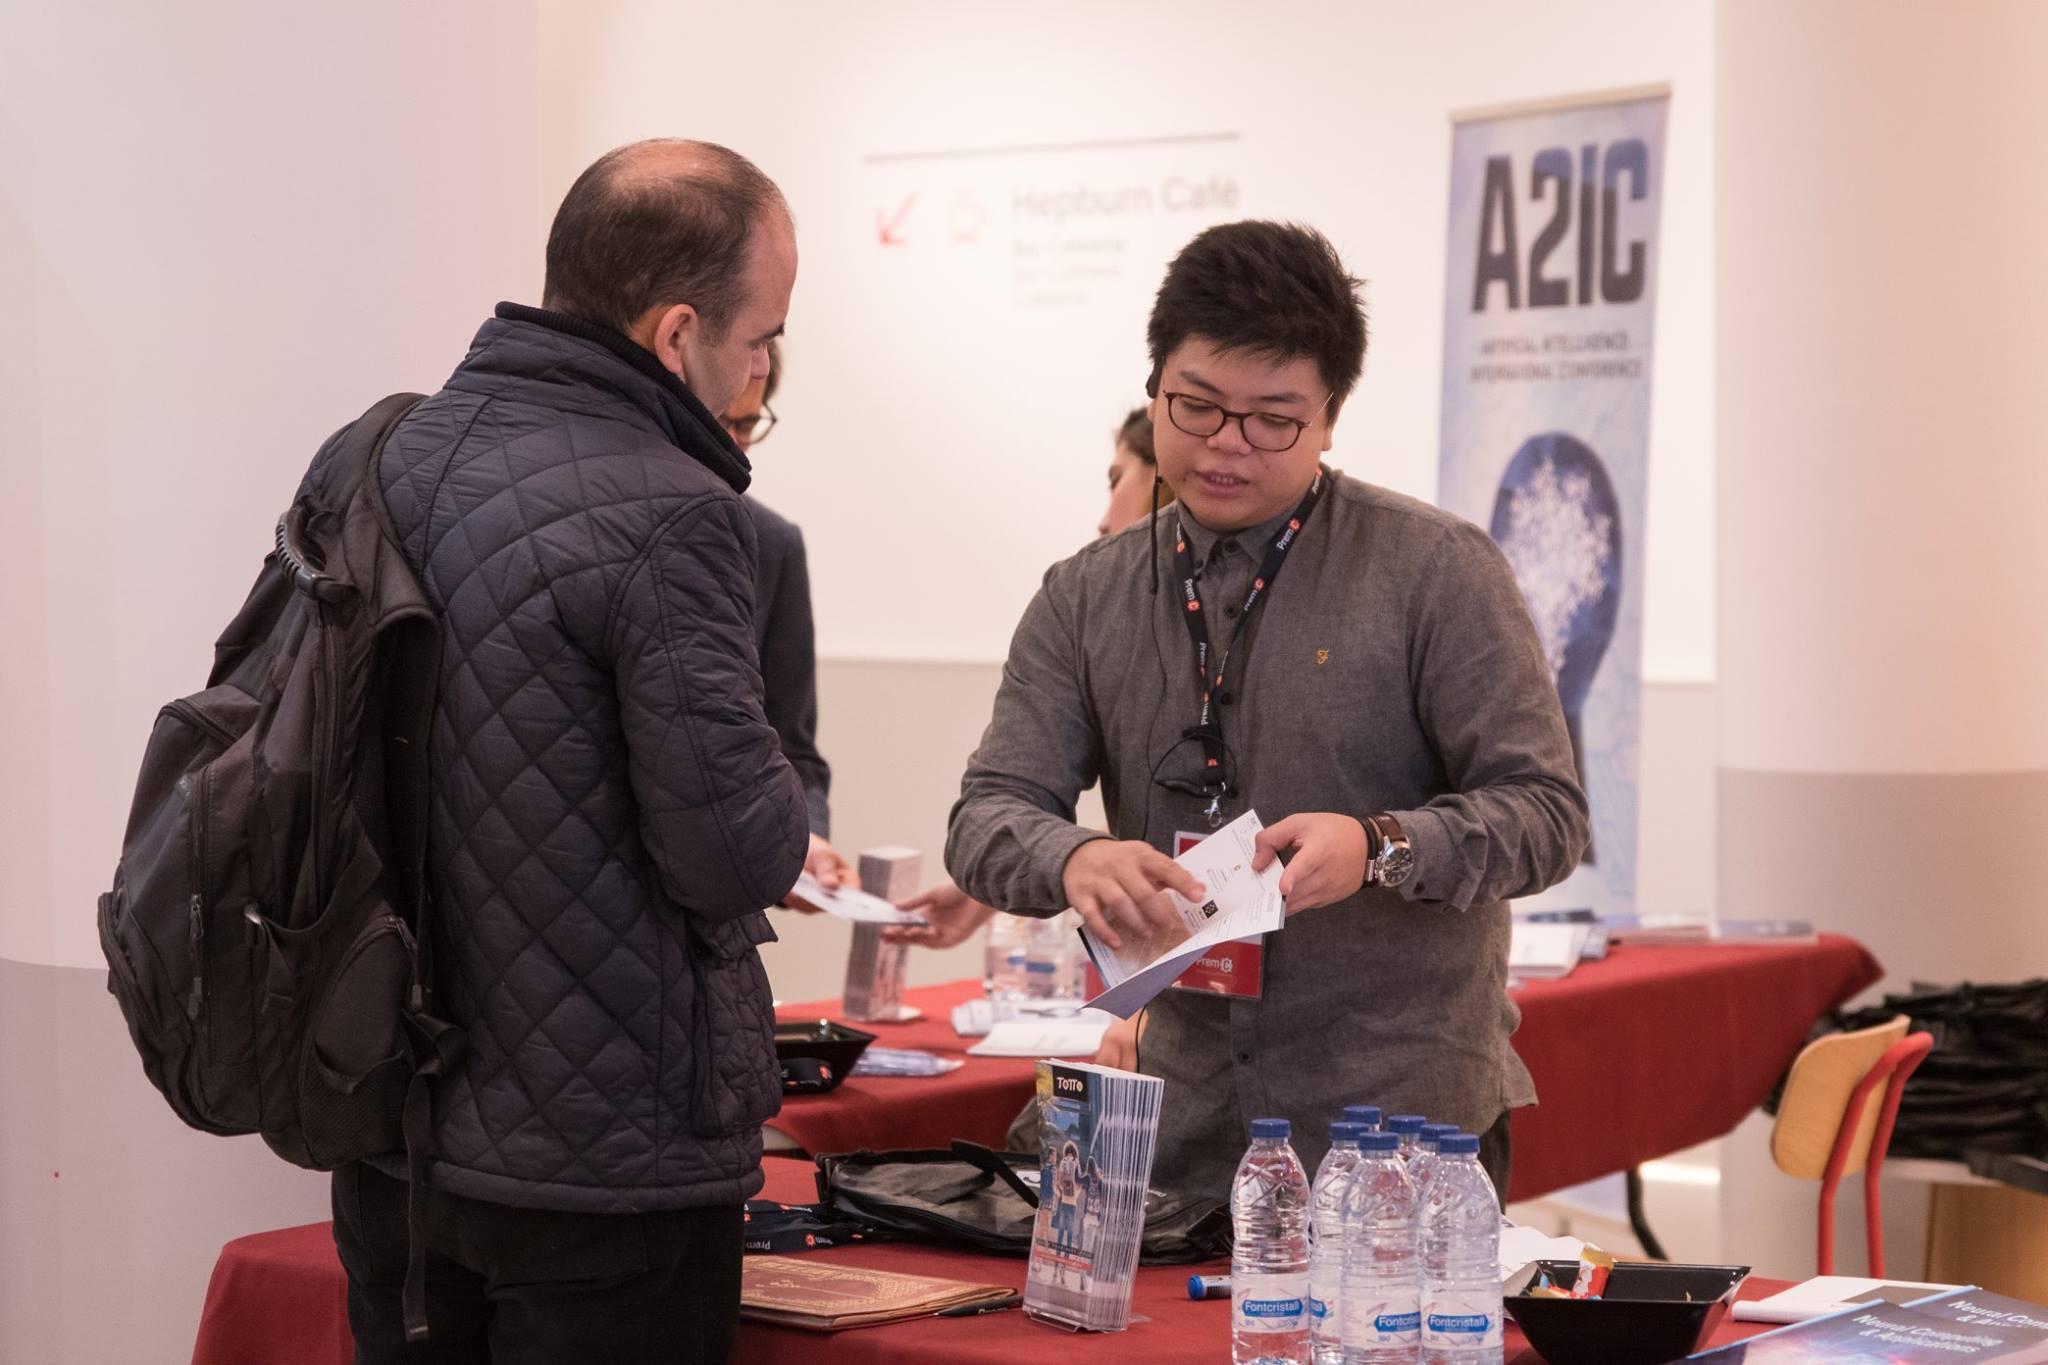 Bureau d'accueil prodiguant des informations aux participants